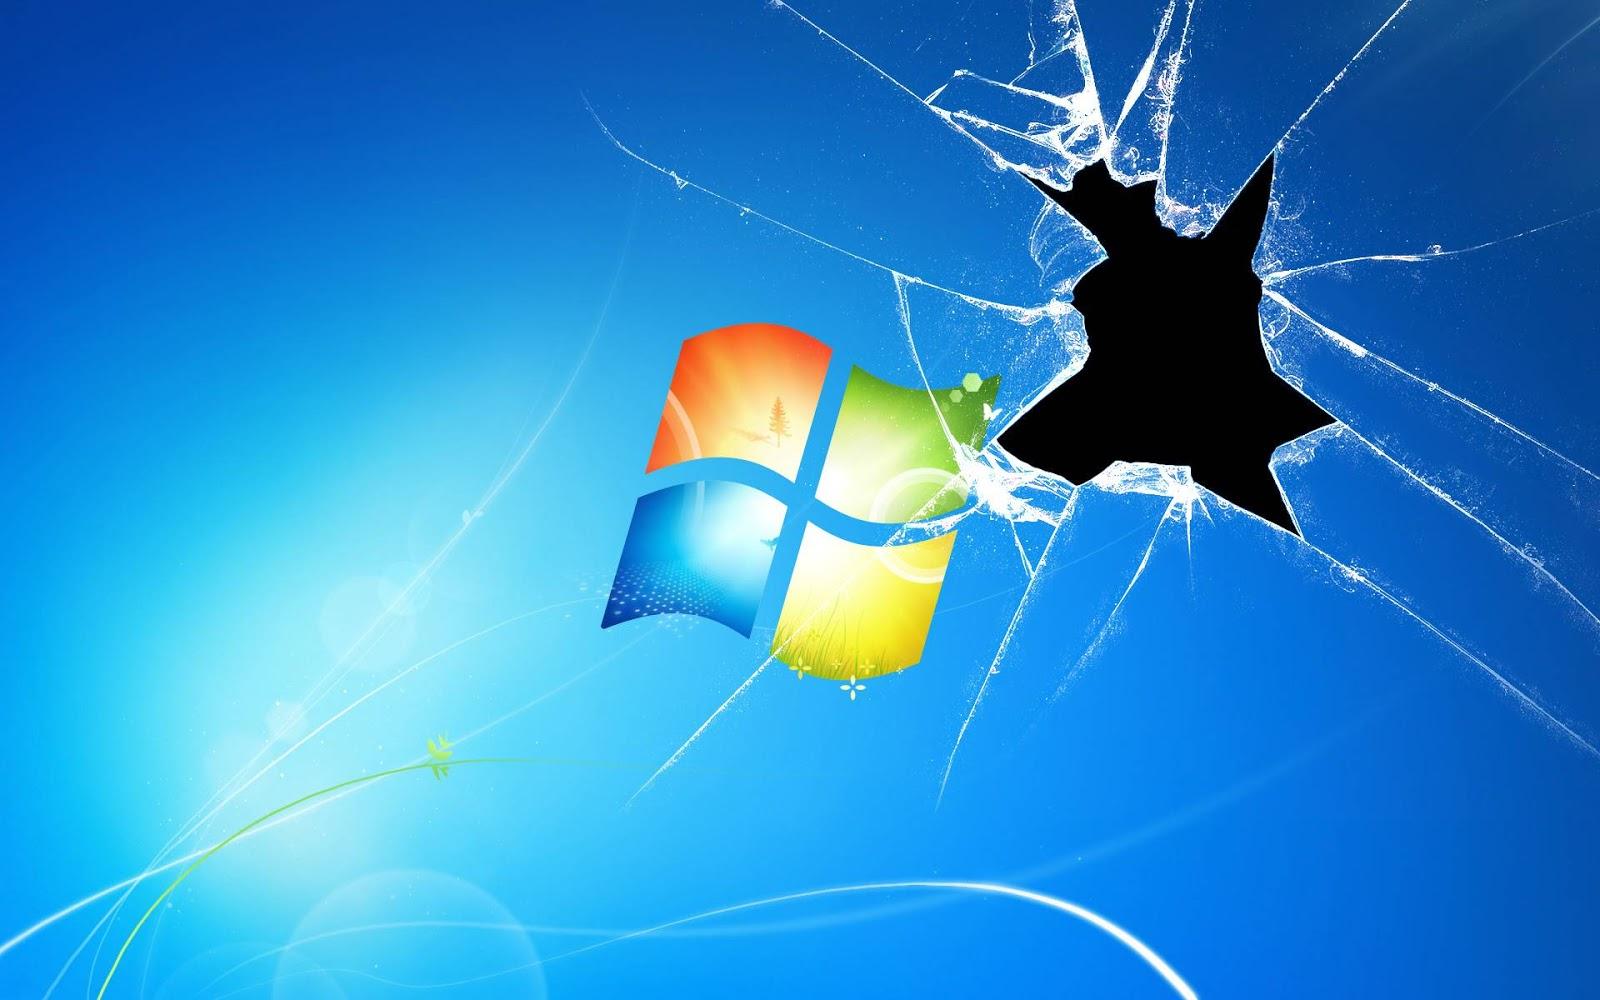 Wallpaper layar pecah untuk laptop anda obat gaptek - Wallpaper anime hd untuk pc ...